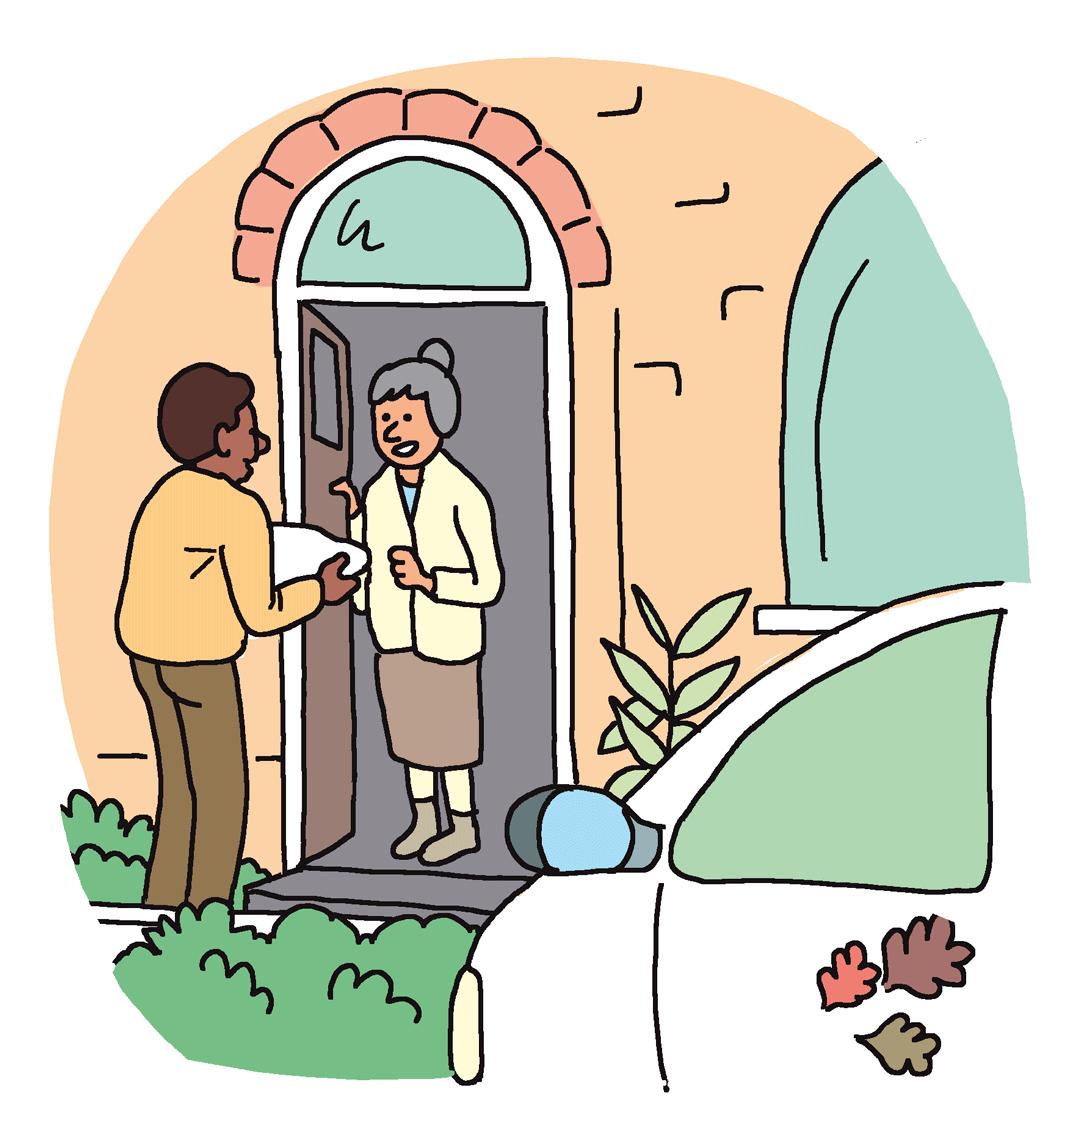 Livraison de repas à domicile - illustration